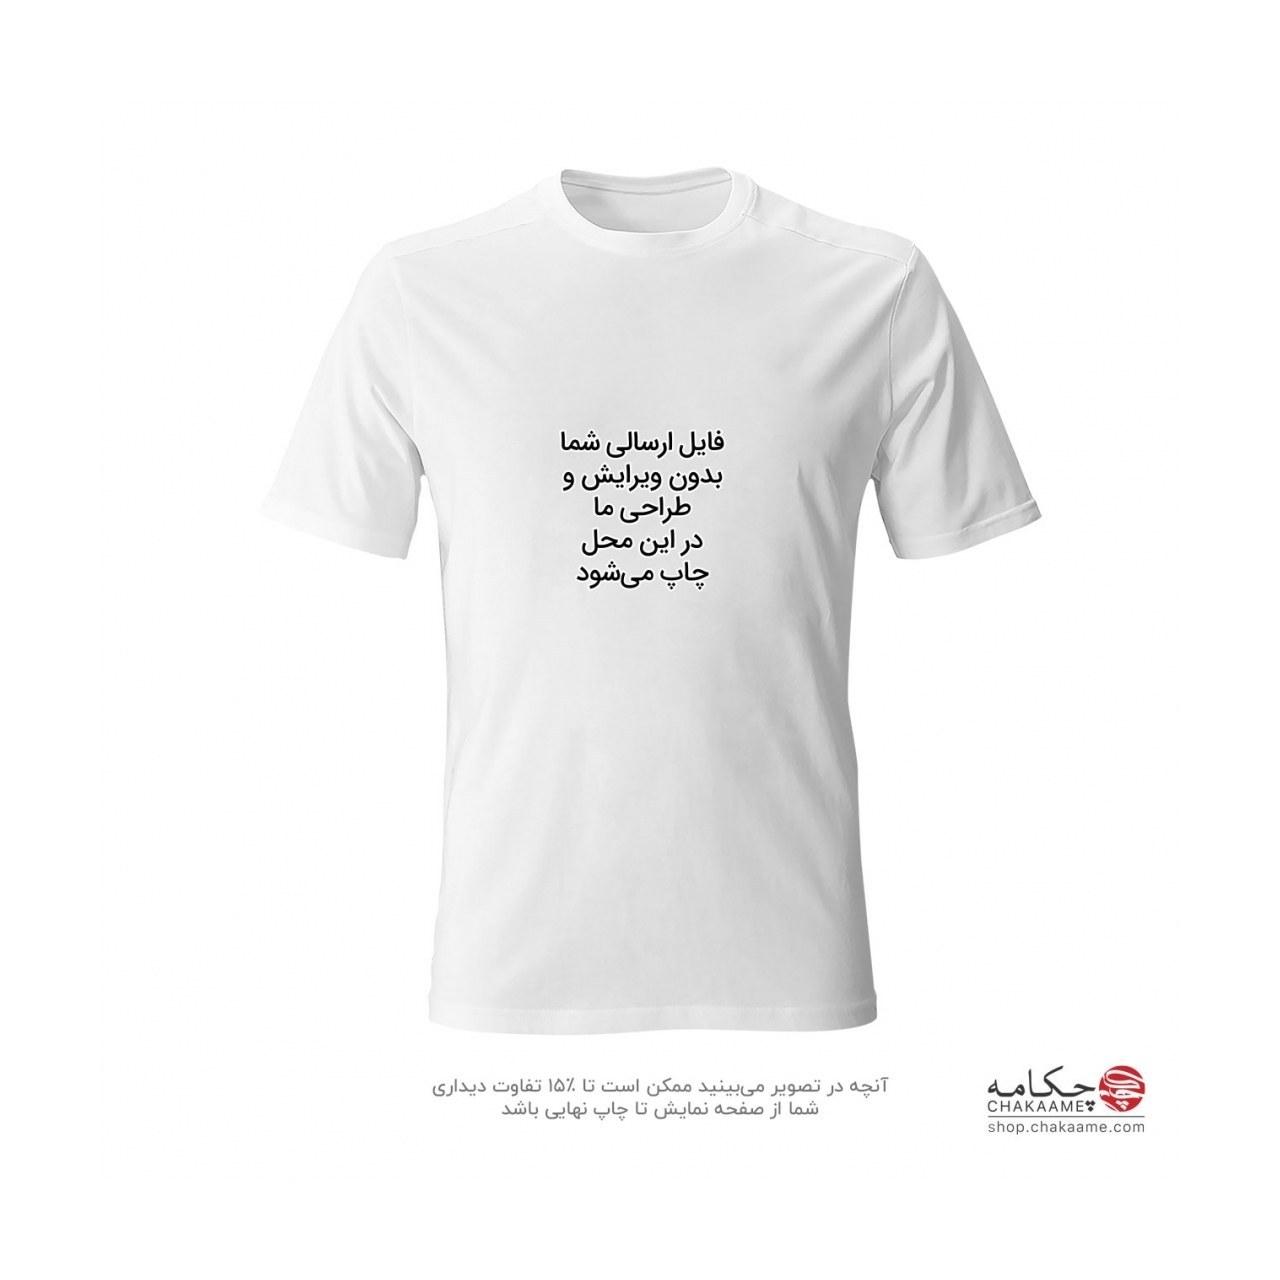 عکس چاپ فایل دلخواه بر روی شرت بچه گانه نخپنبه  چاپ-فایل-دلخواه-بر-روی-شرت-بچه-گانه-نخ-پنبه